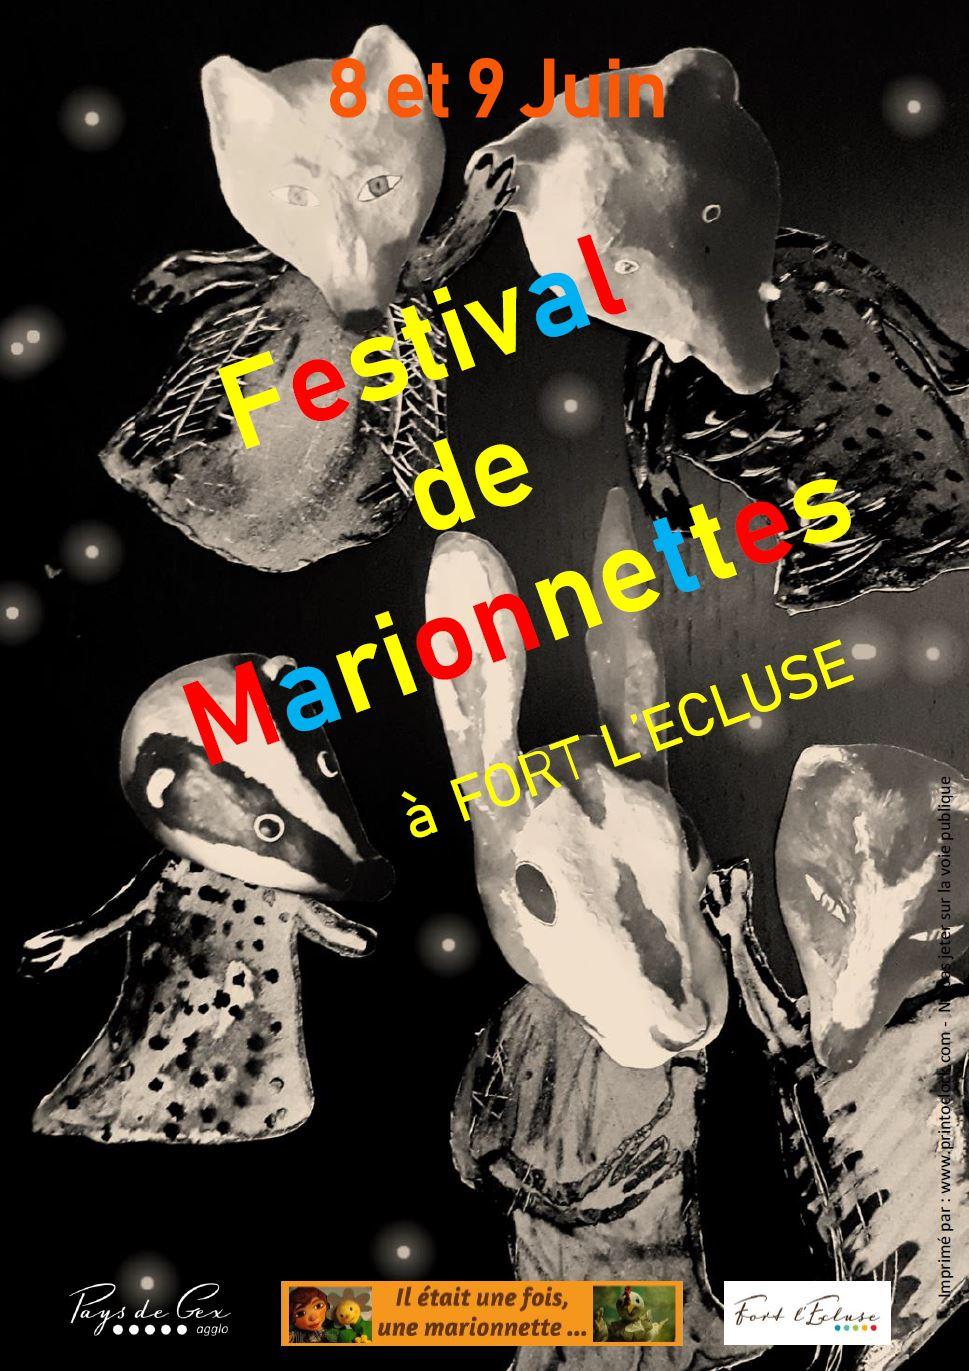 Festival de Marionnette à Fort l'Ecluse